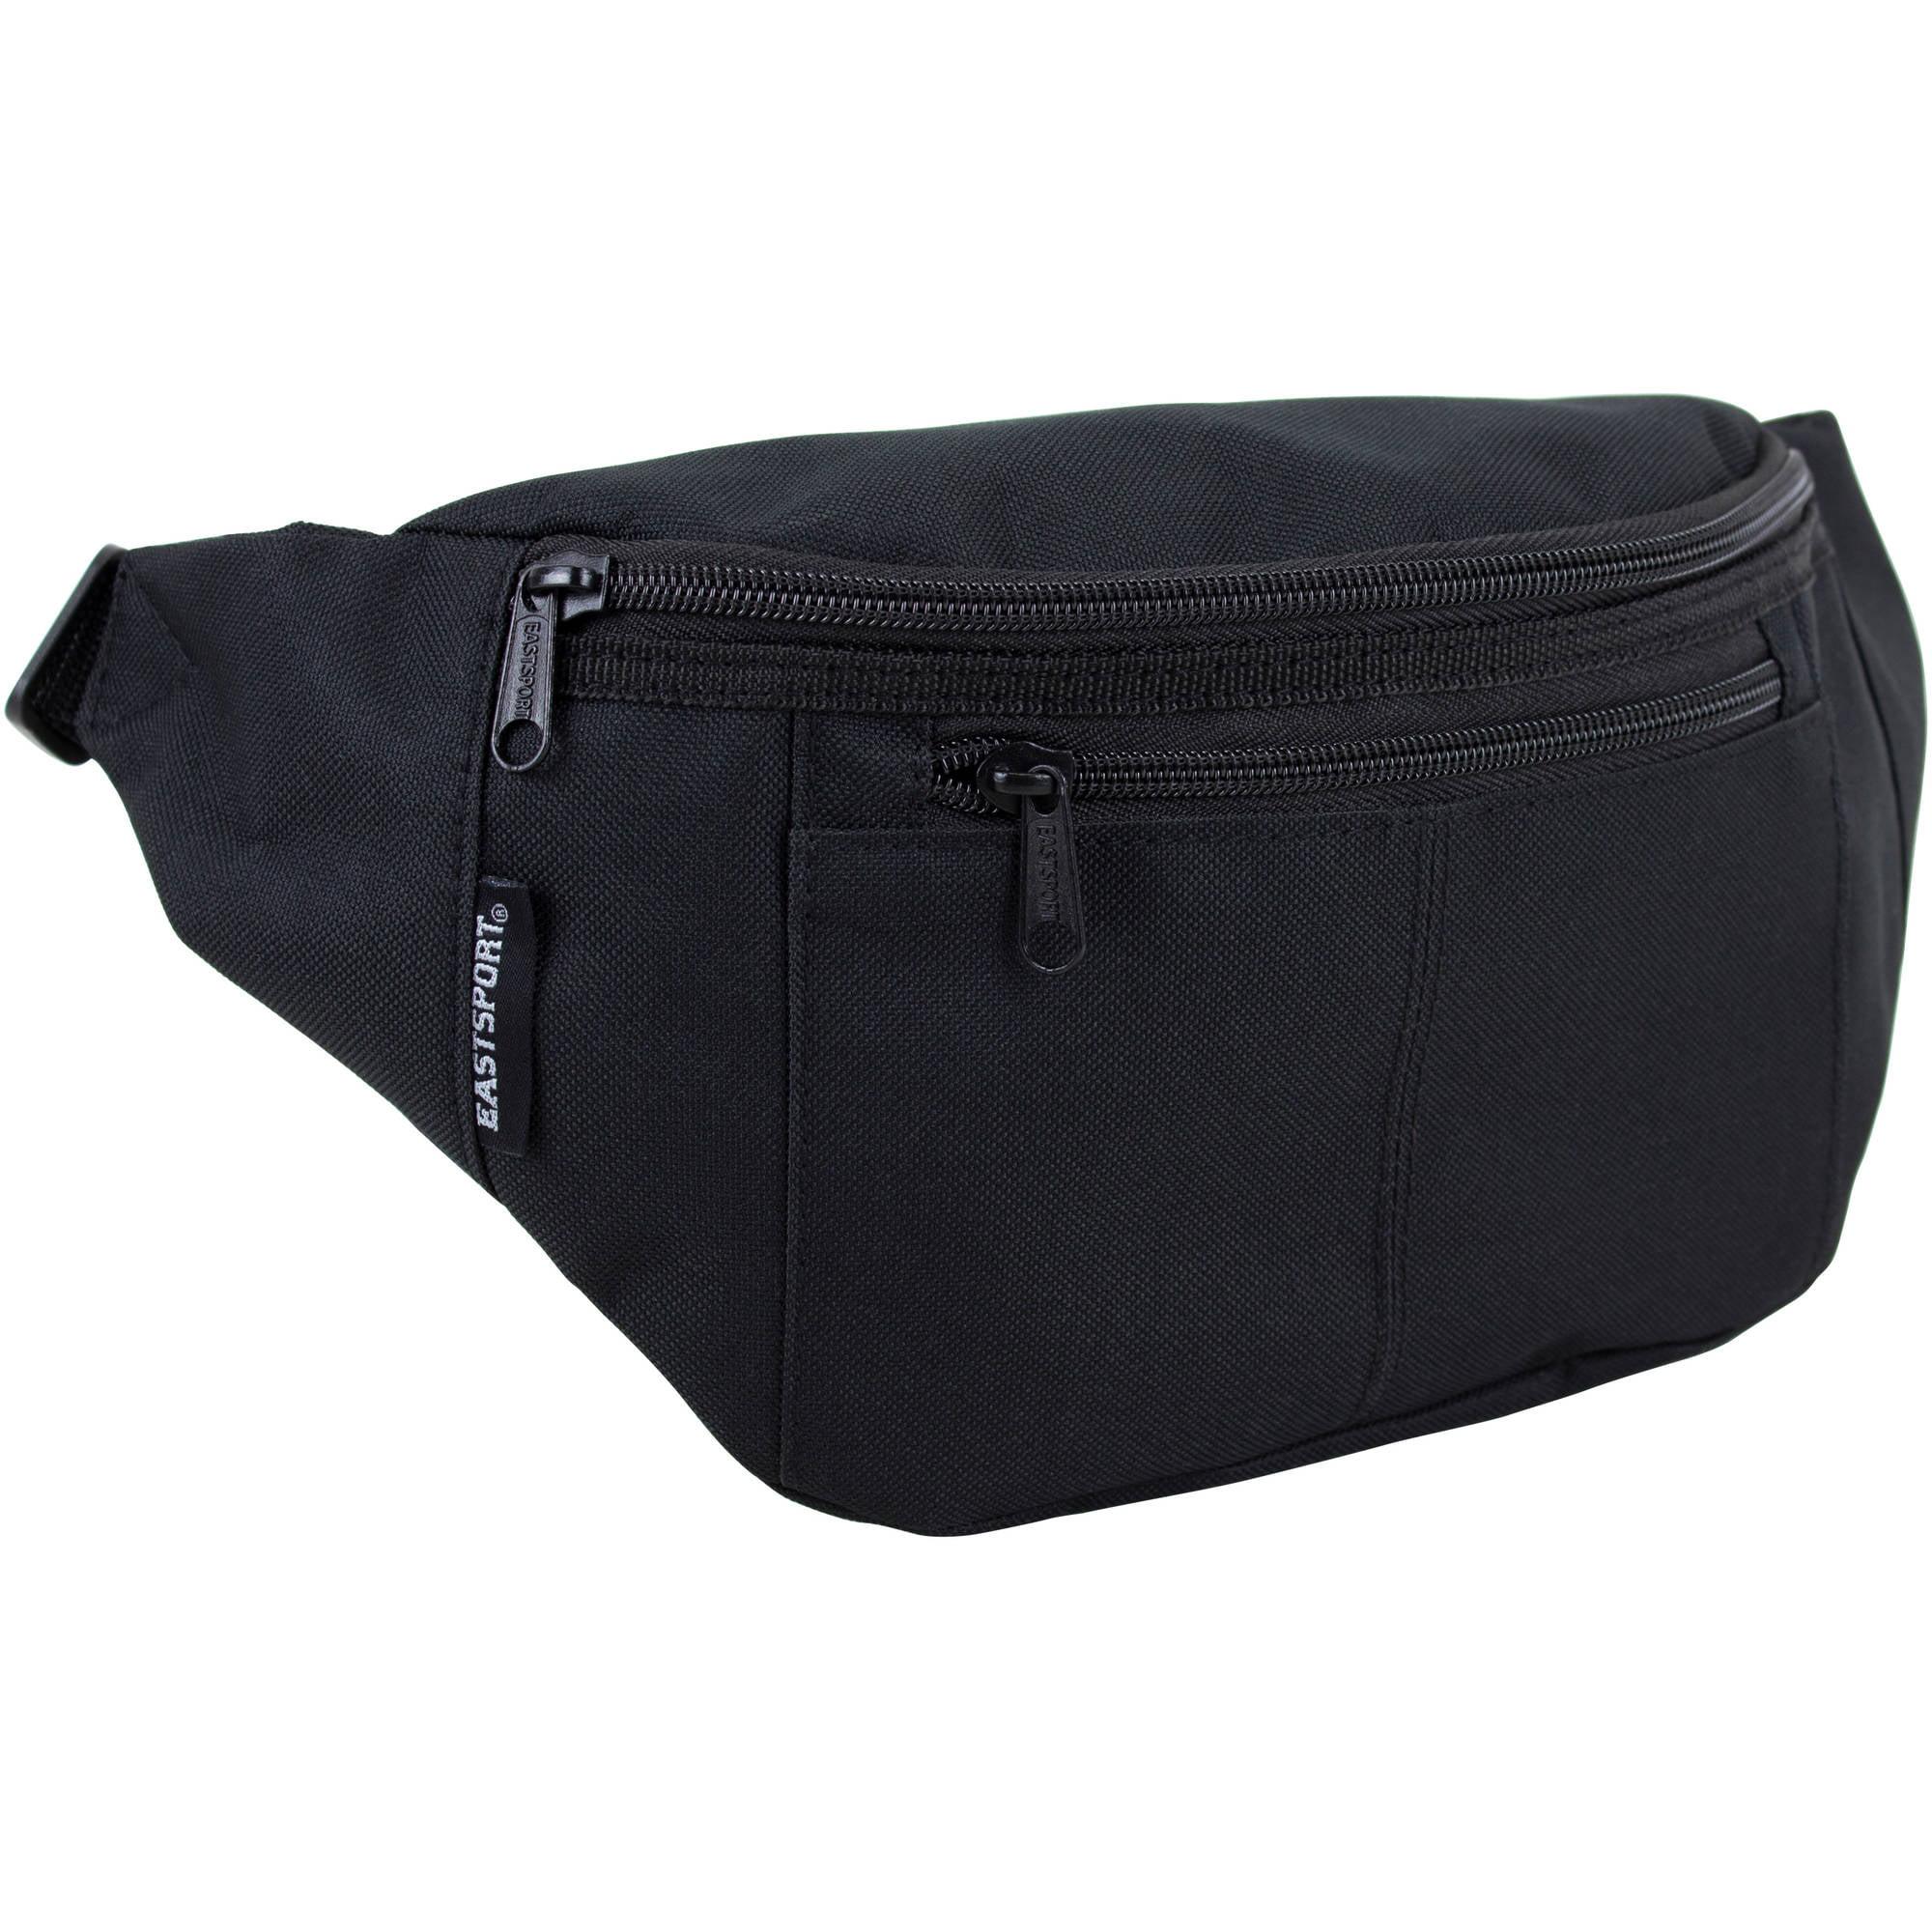 Eastsport Belt Bag